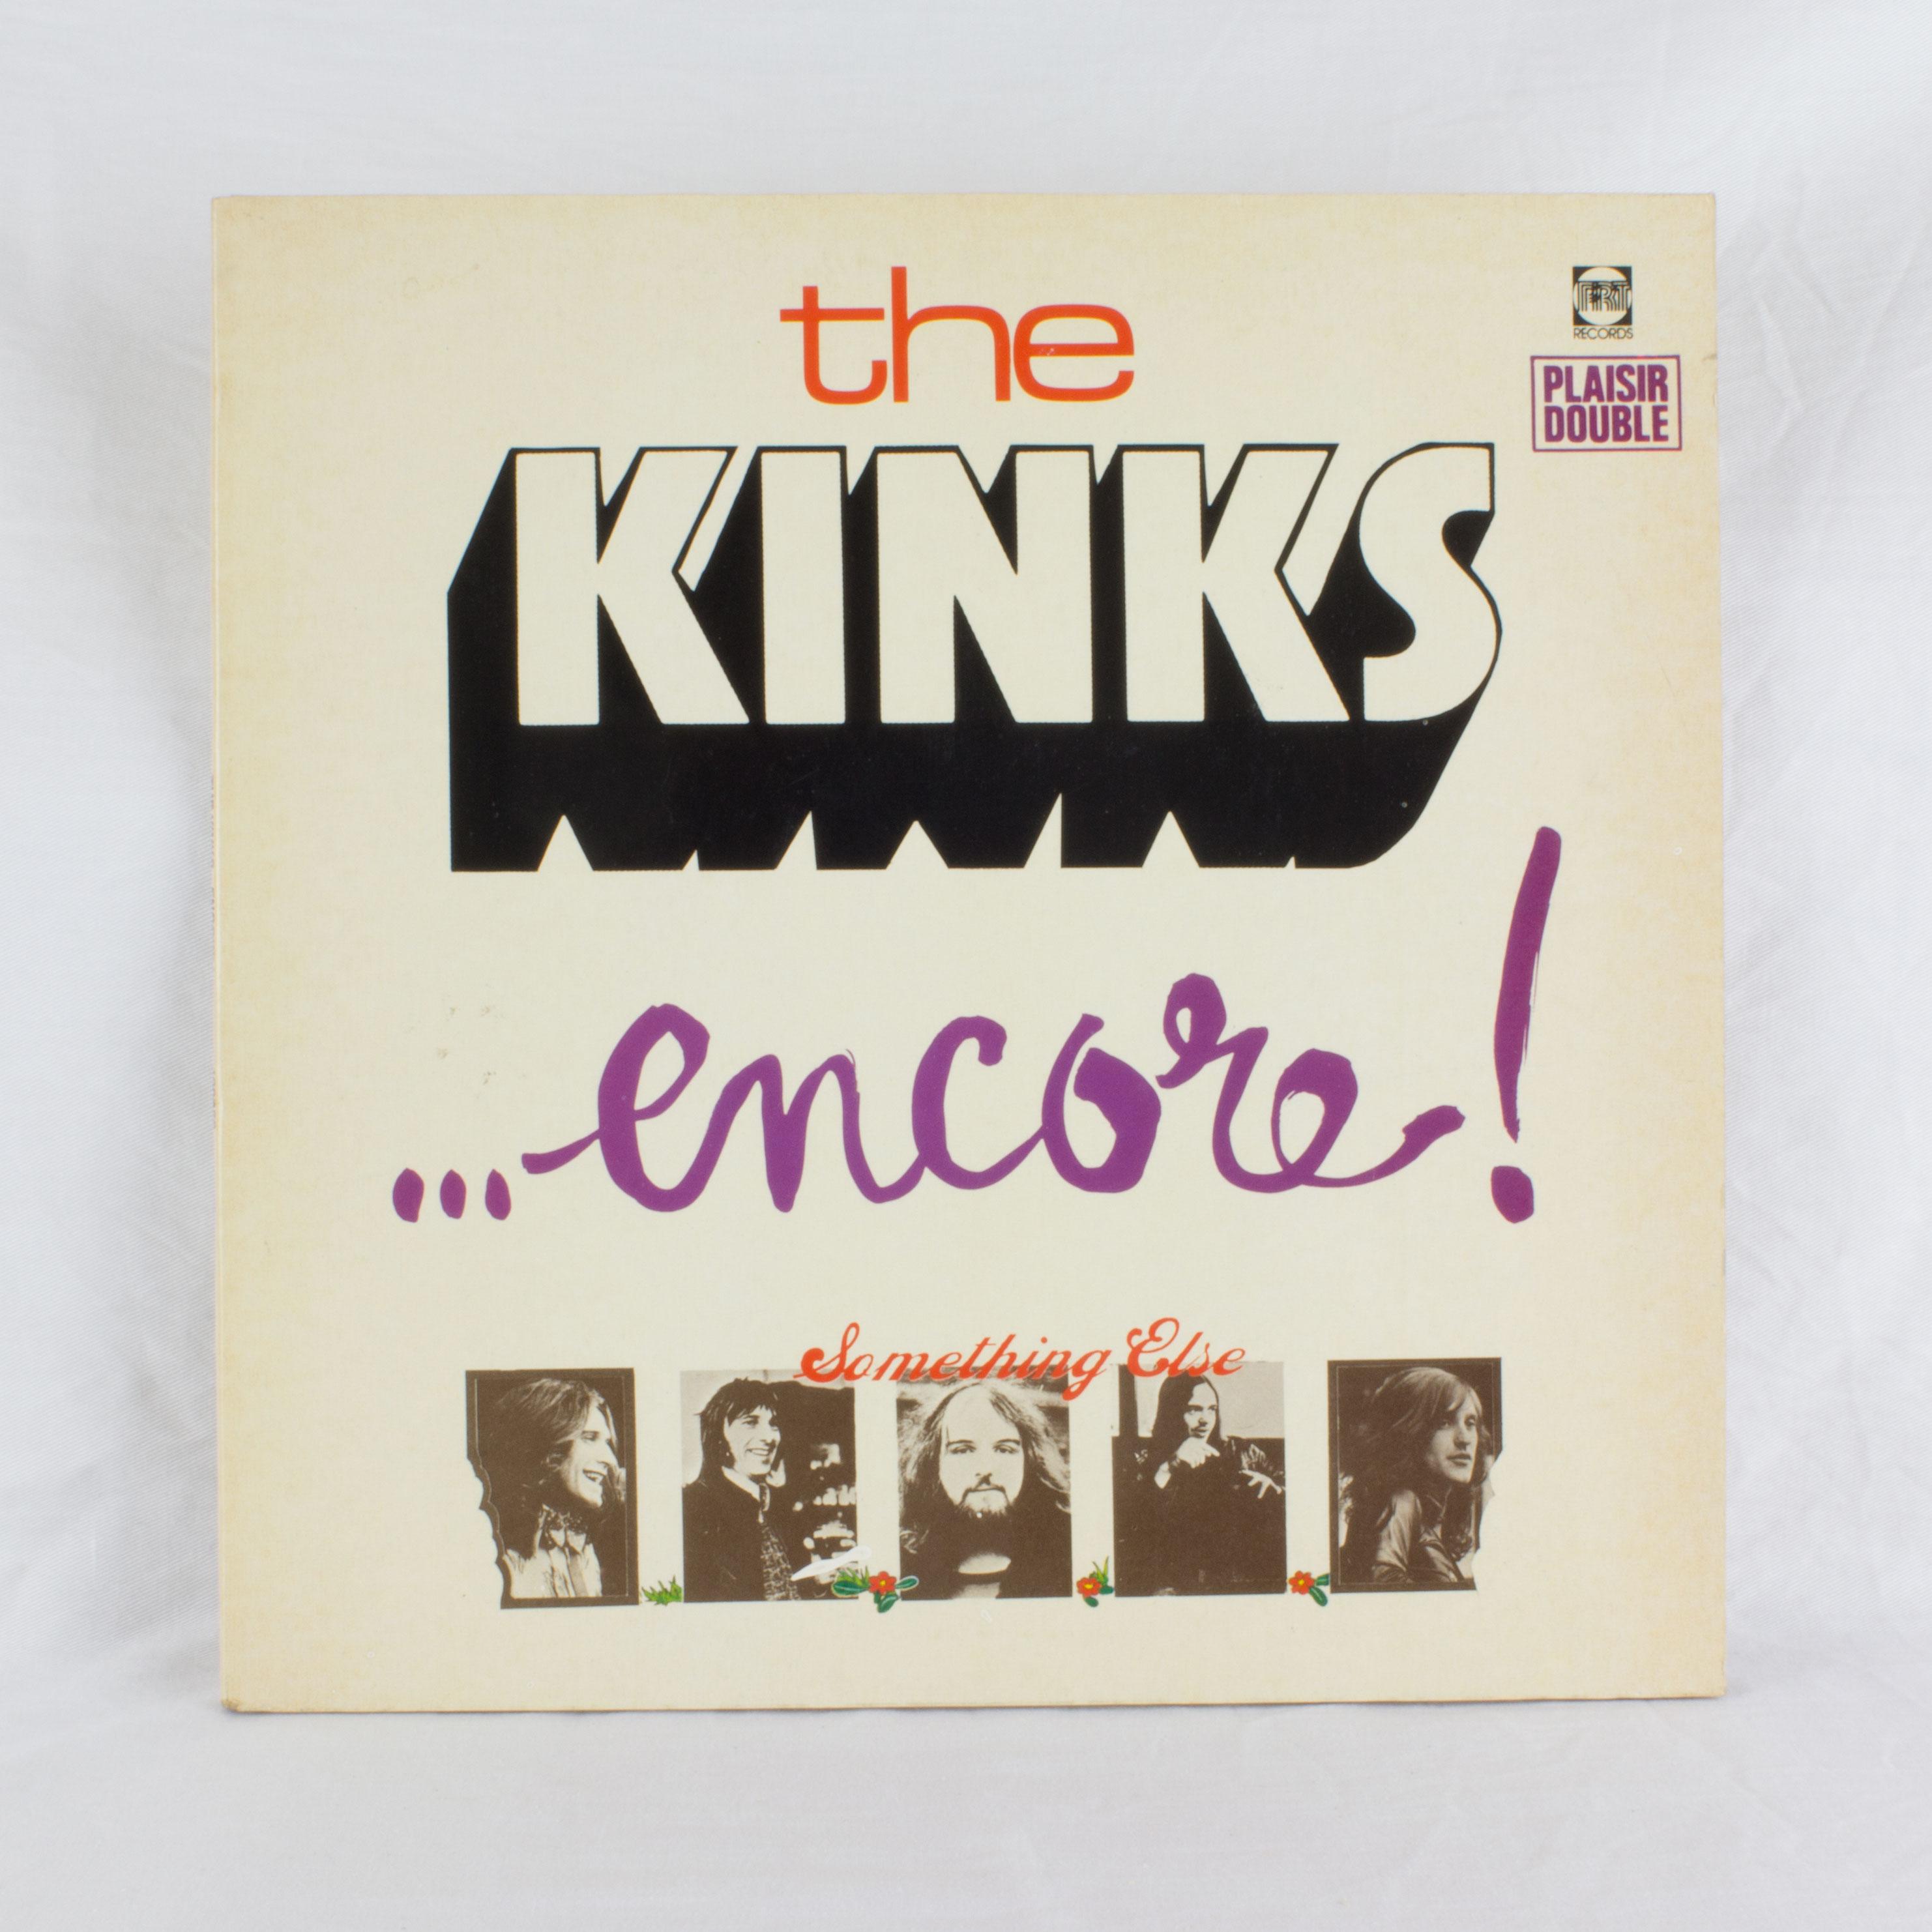 the kinks encore musique disque vinyle double album ebay. Black Bedroom Furniture Sets. Home Design Ideas